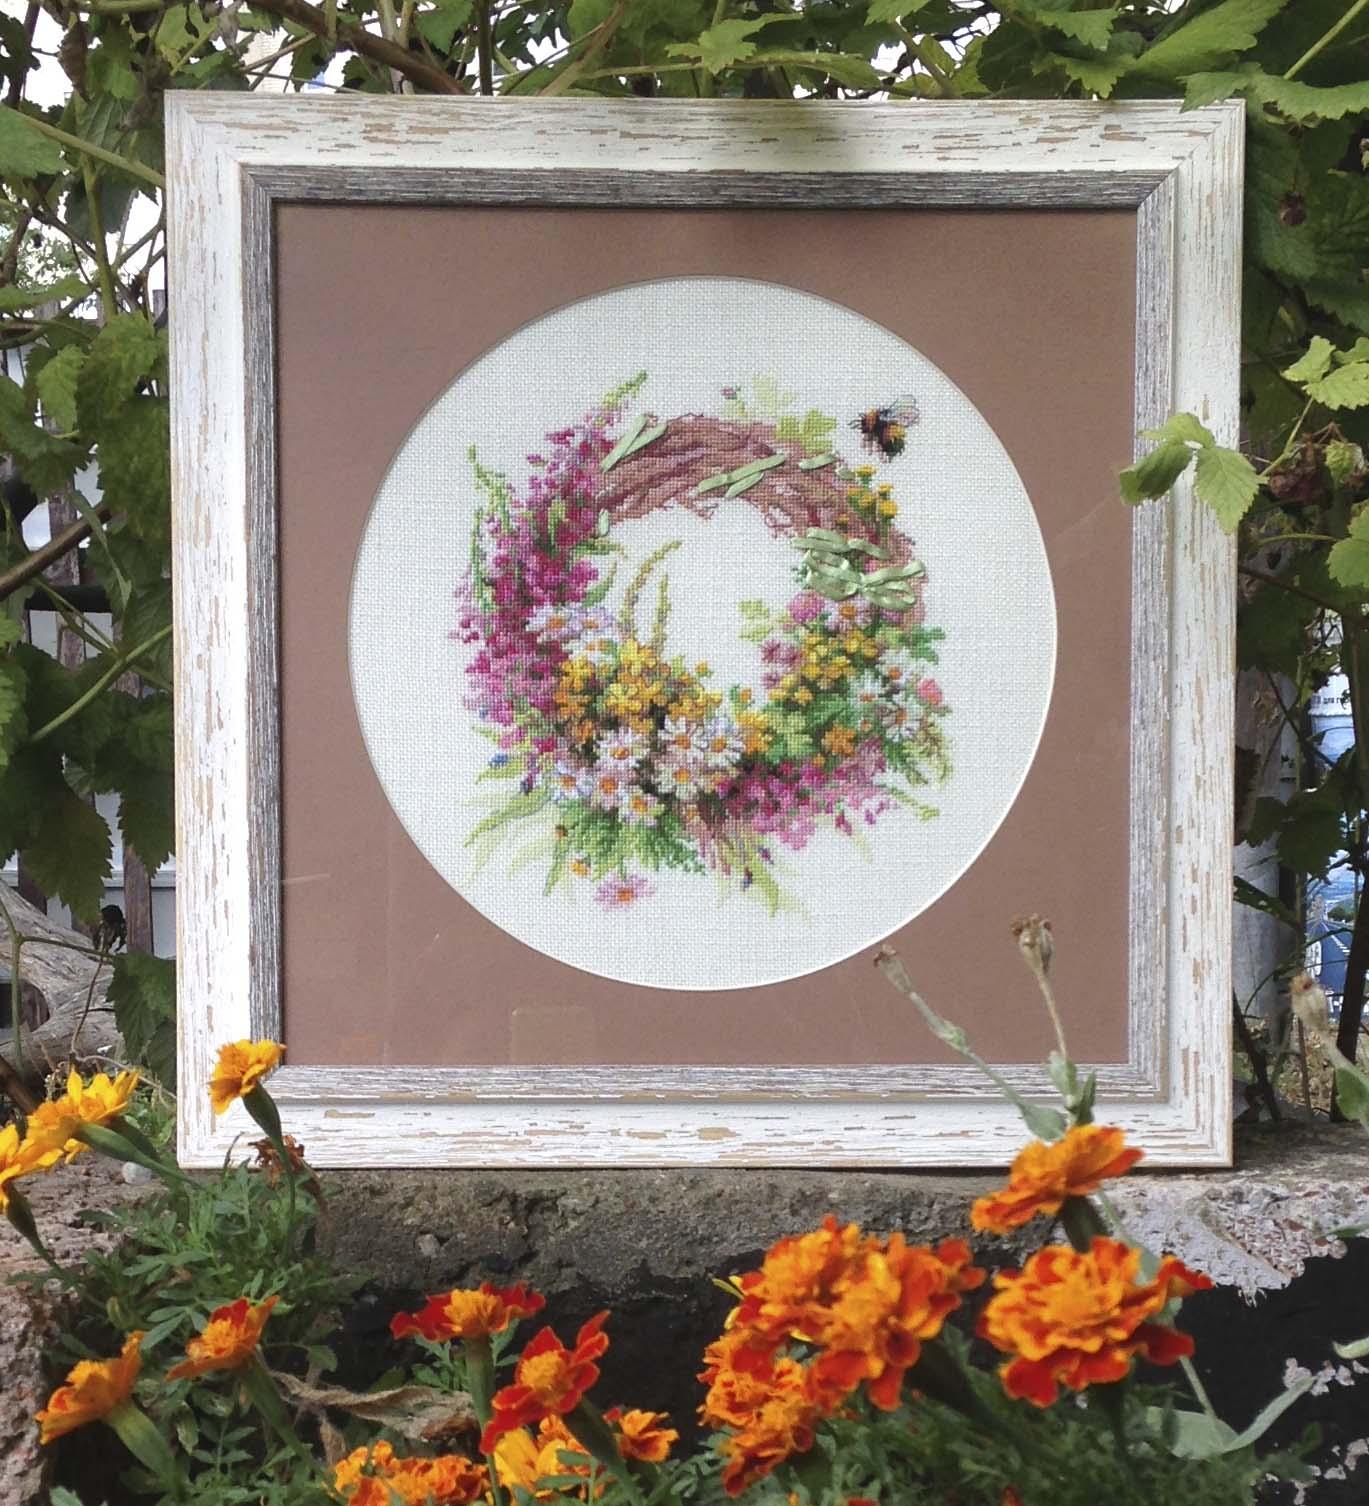 Венок с Иван-чаем. Растения (в основном цветы)